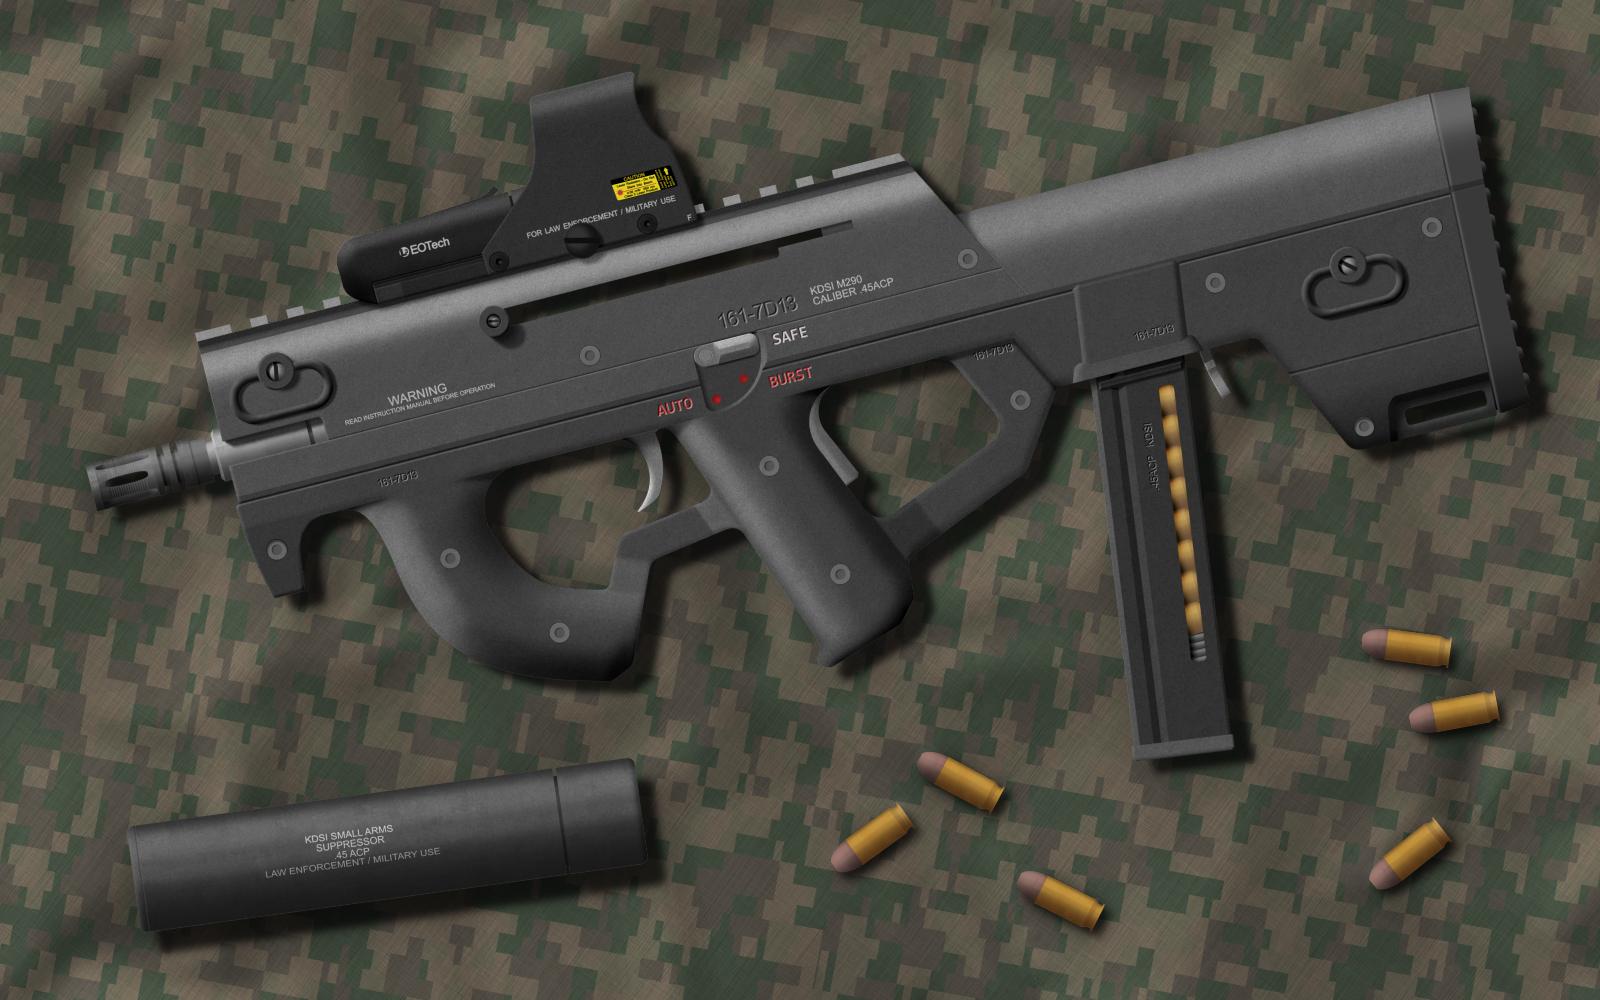 M290 Render by daisukekazama